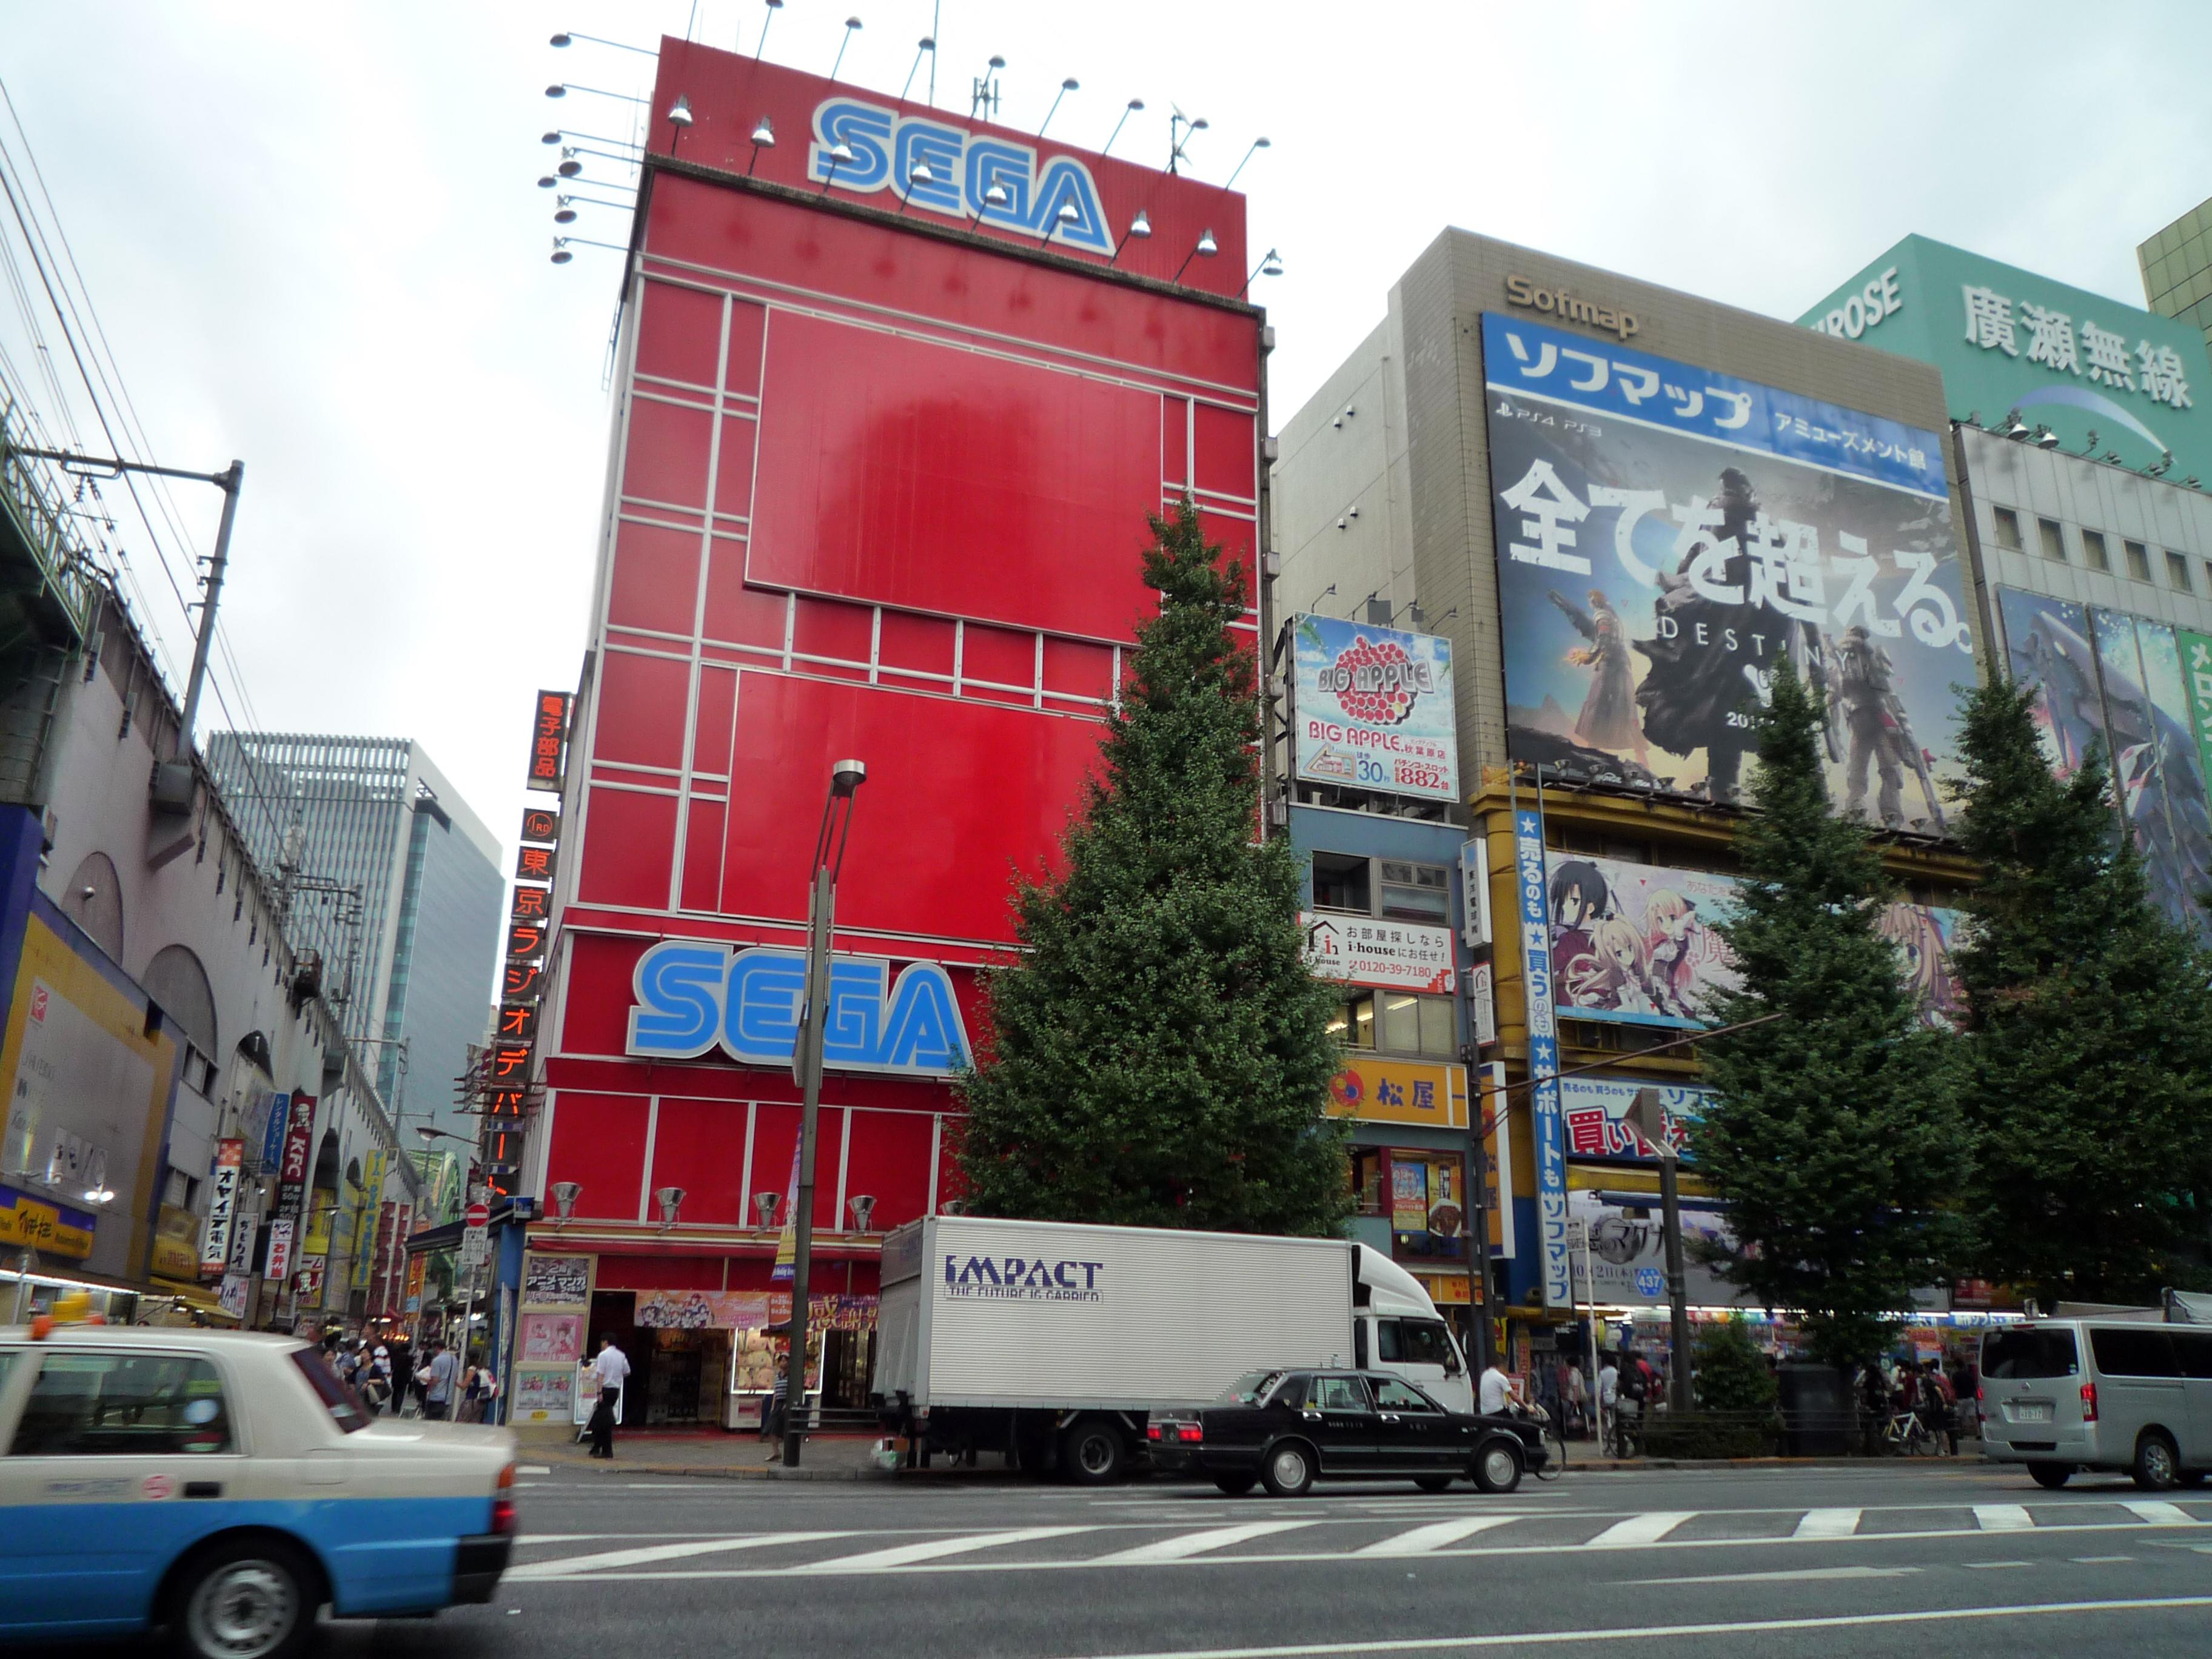 Japon-SegaenAkihabara- Qué ver en Akihabara